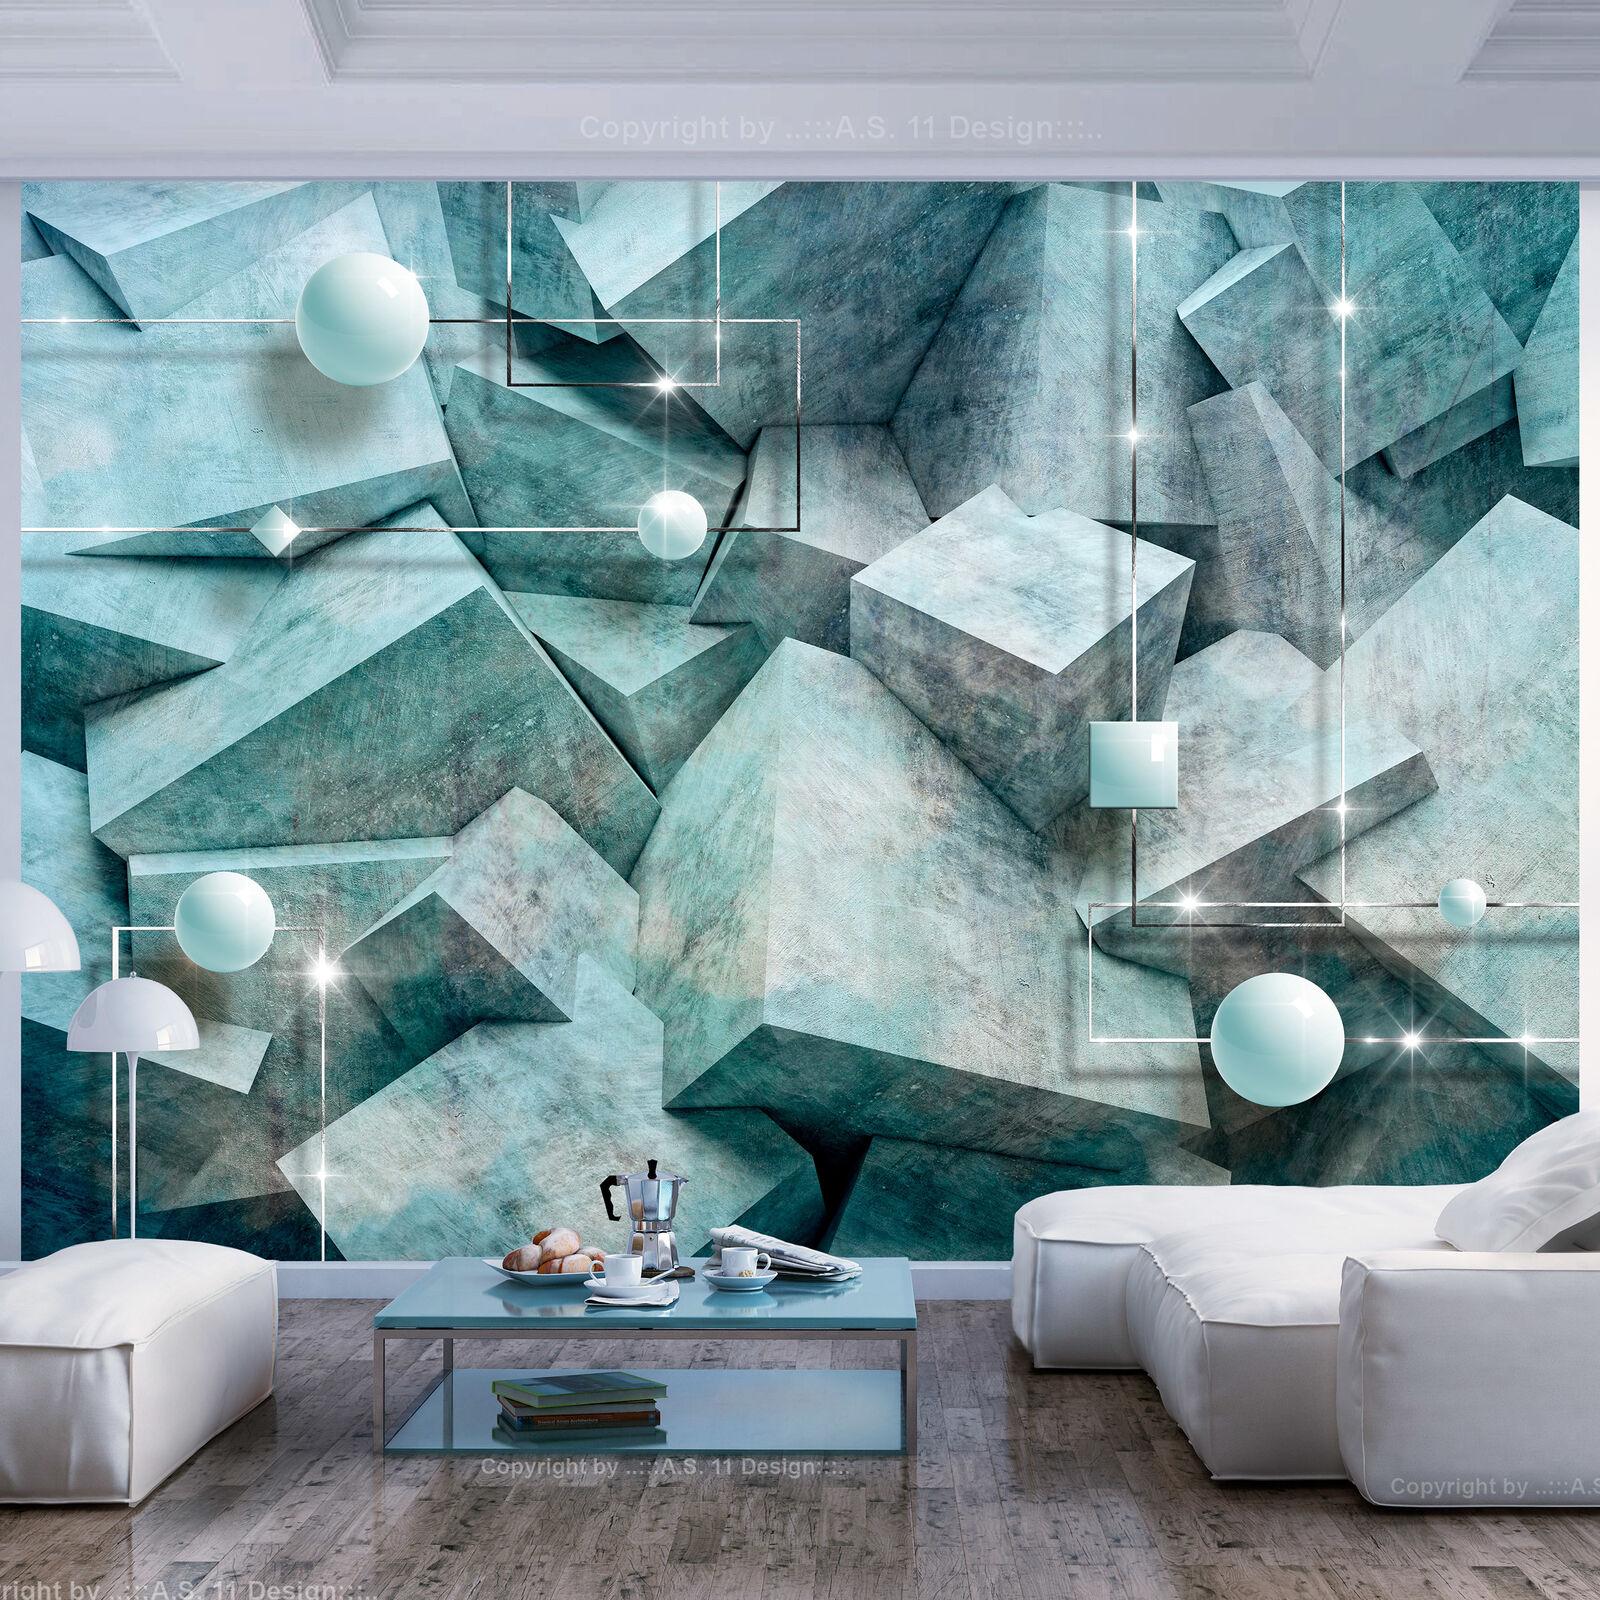 VLIES FOTOTAPETE Abstrakt grün Kugeln 3D effekt TAPETE WANBILDER XXL Wohnzimmer